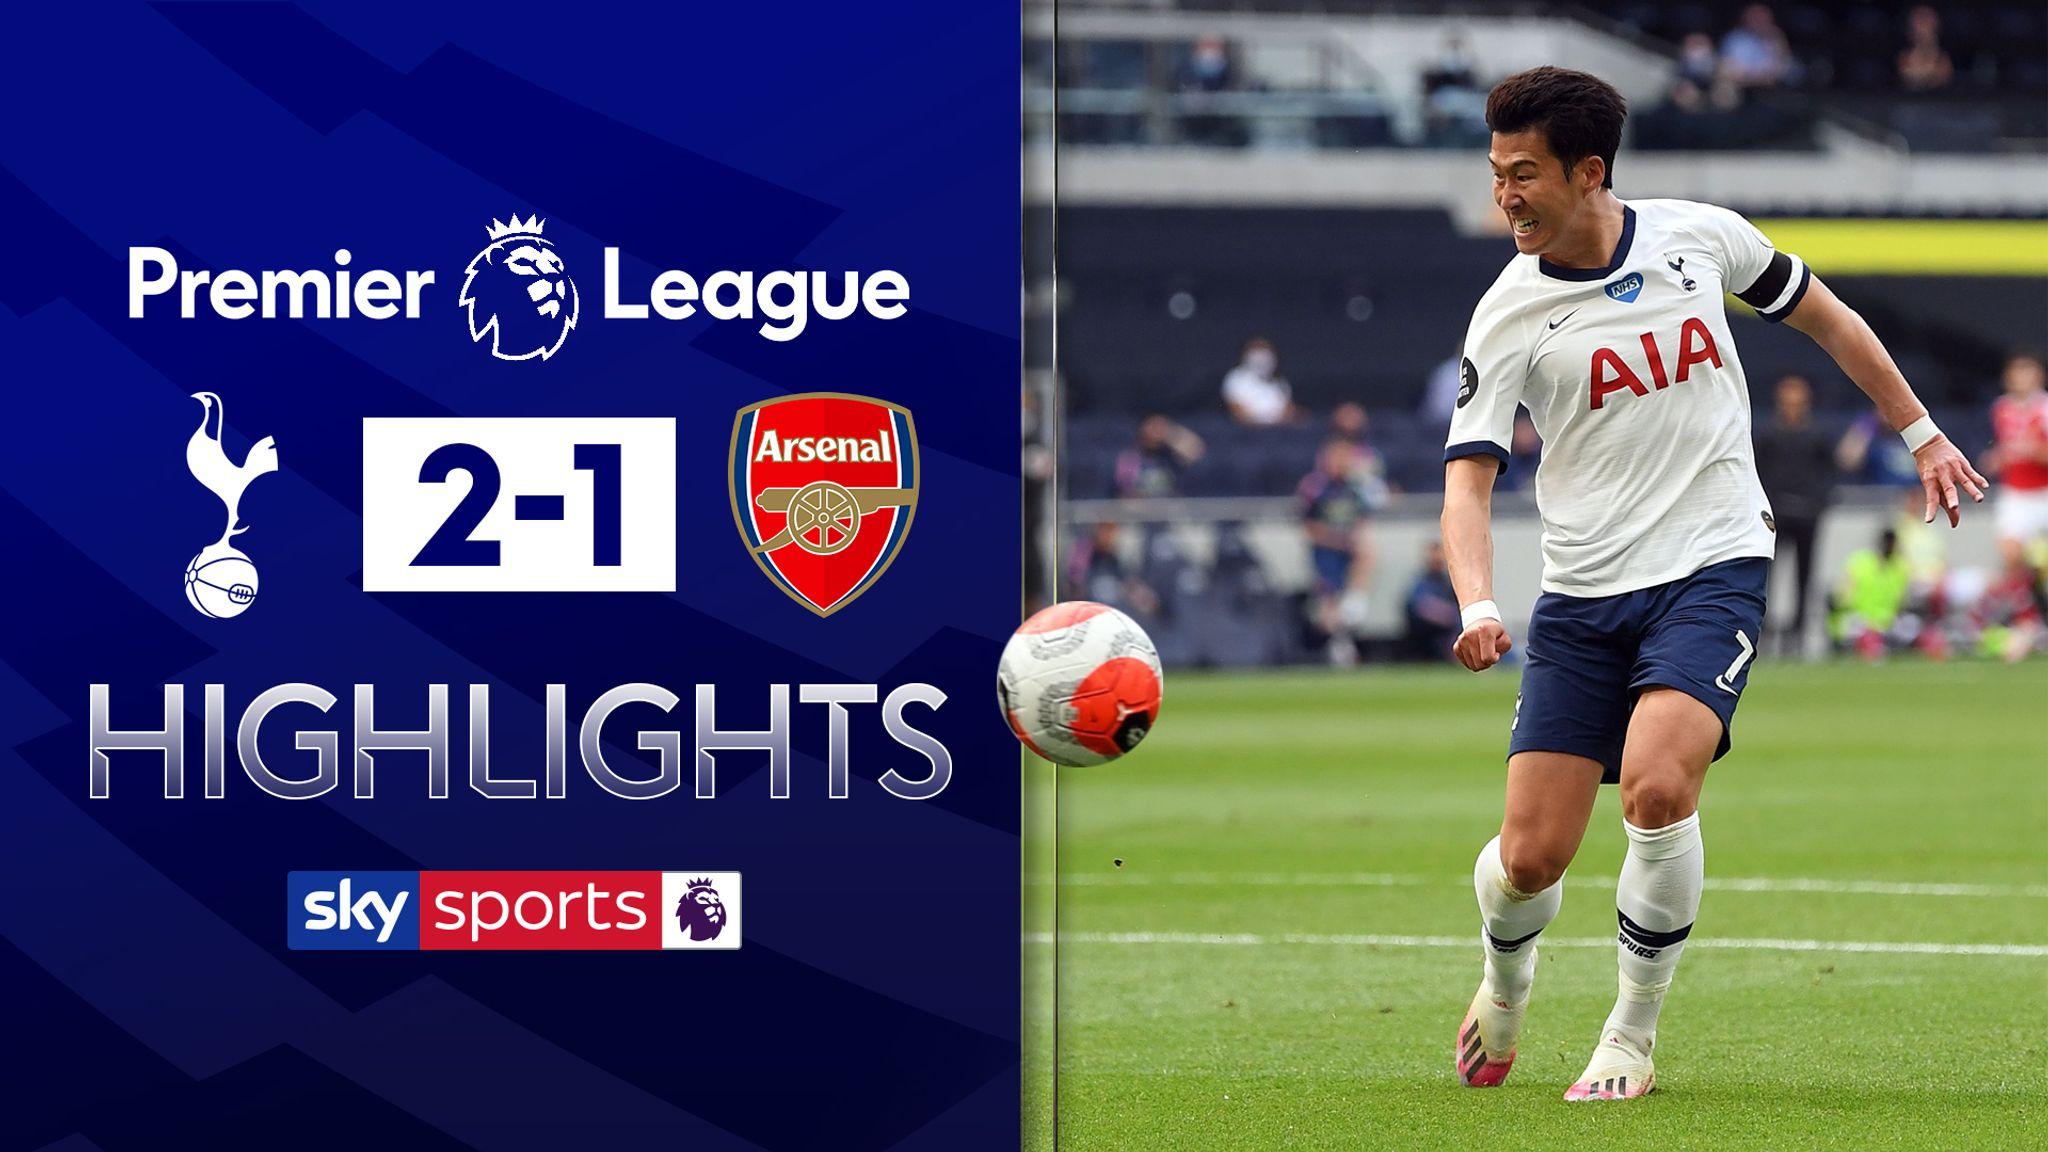 Tottenham v Arsenal highlights